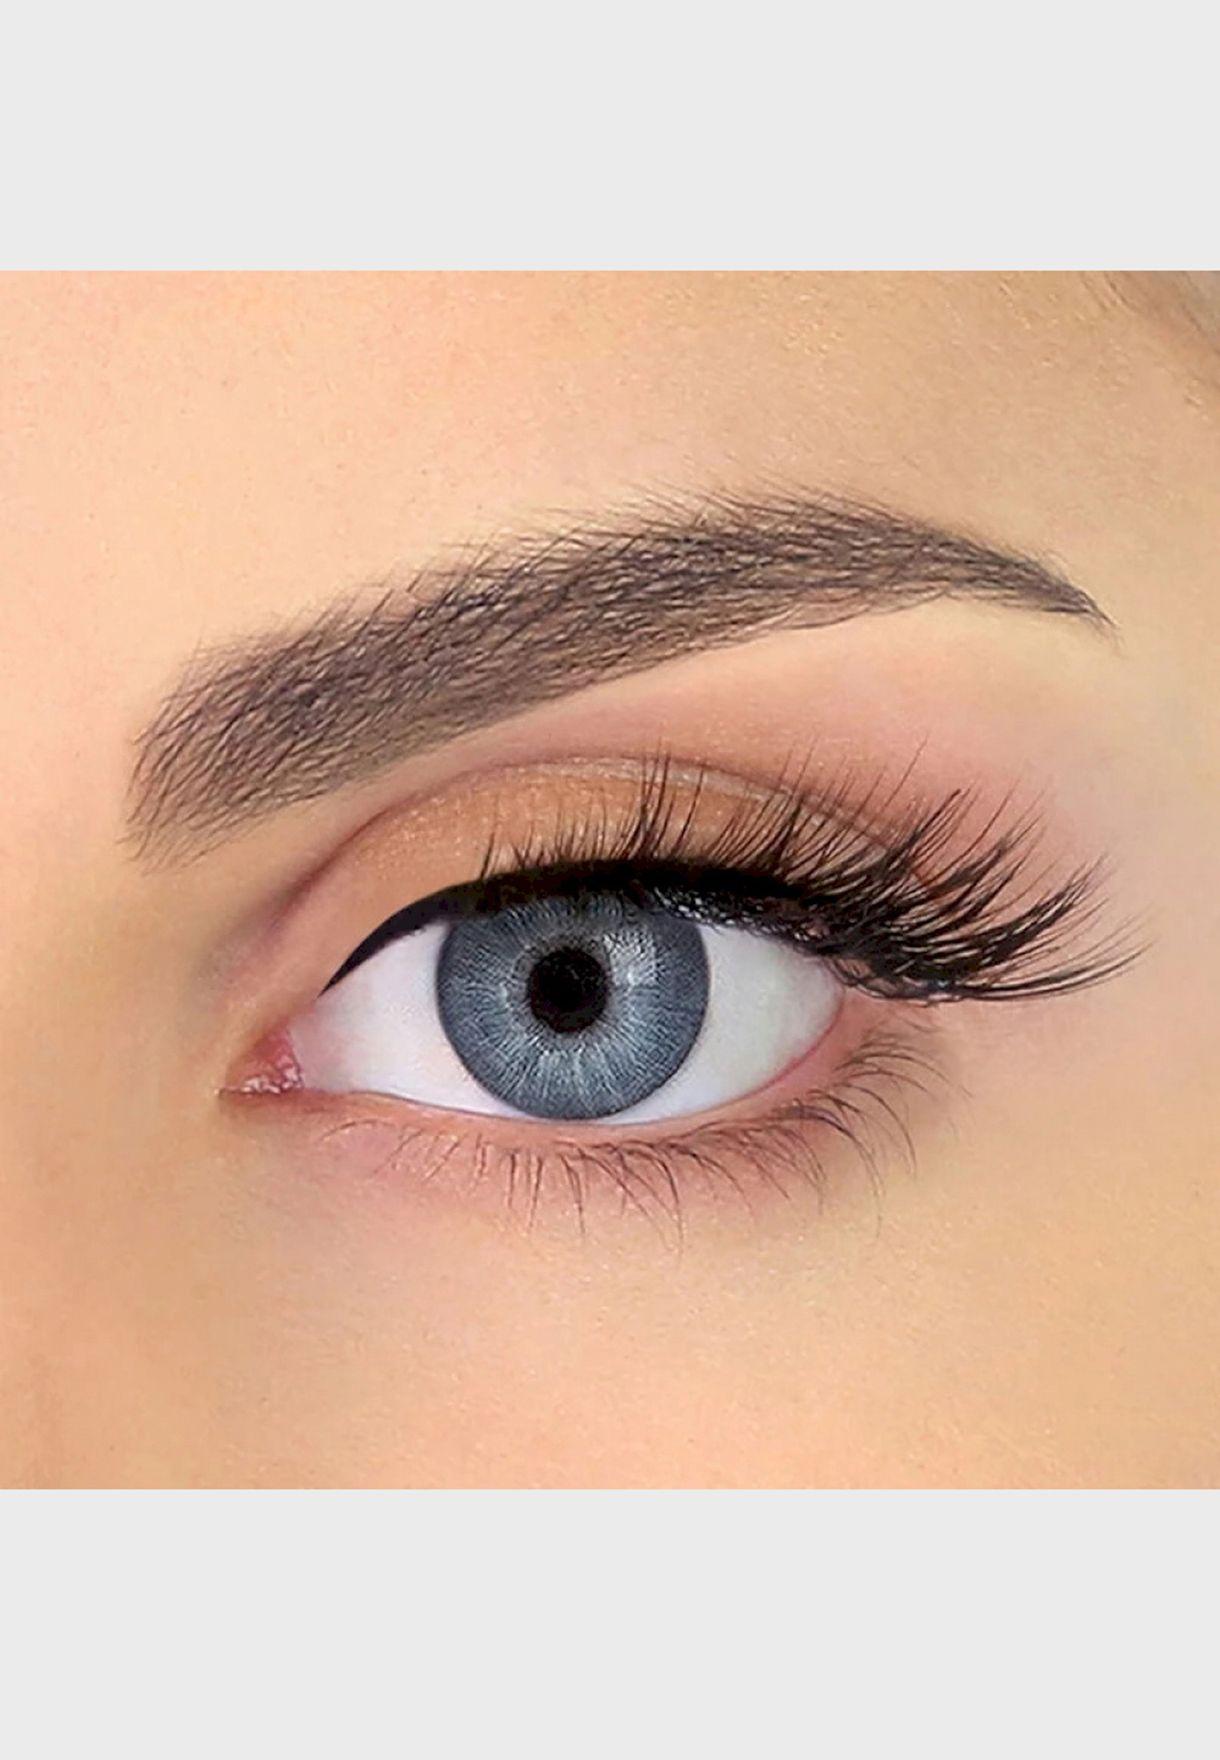 Julia Eyelashes